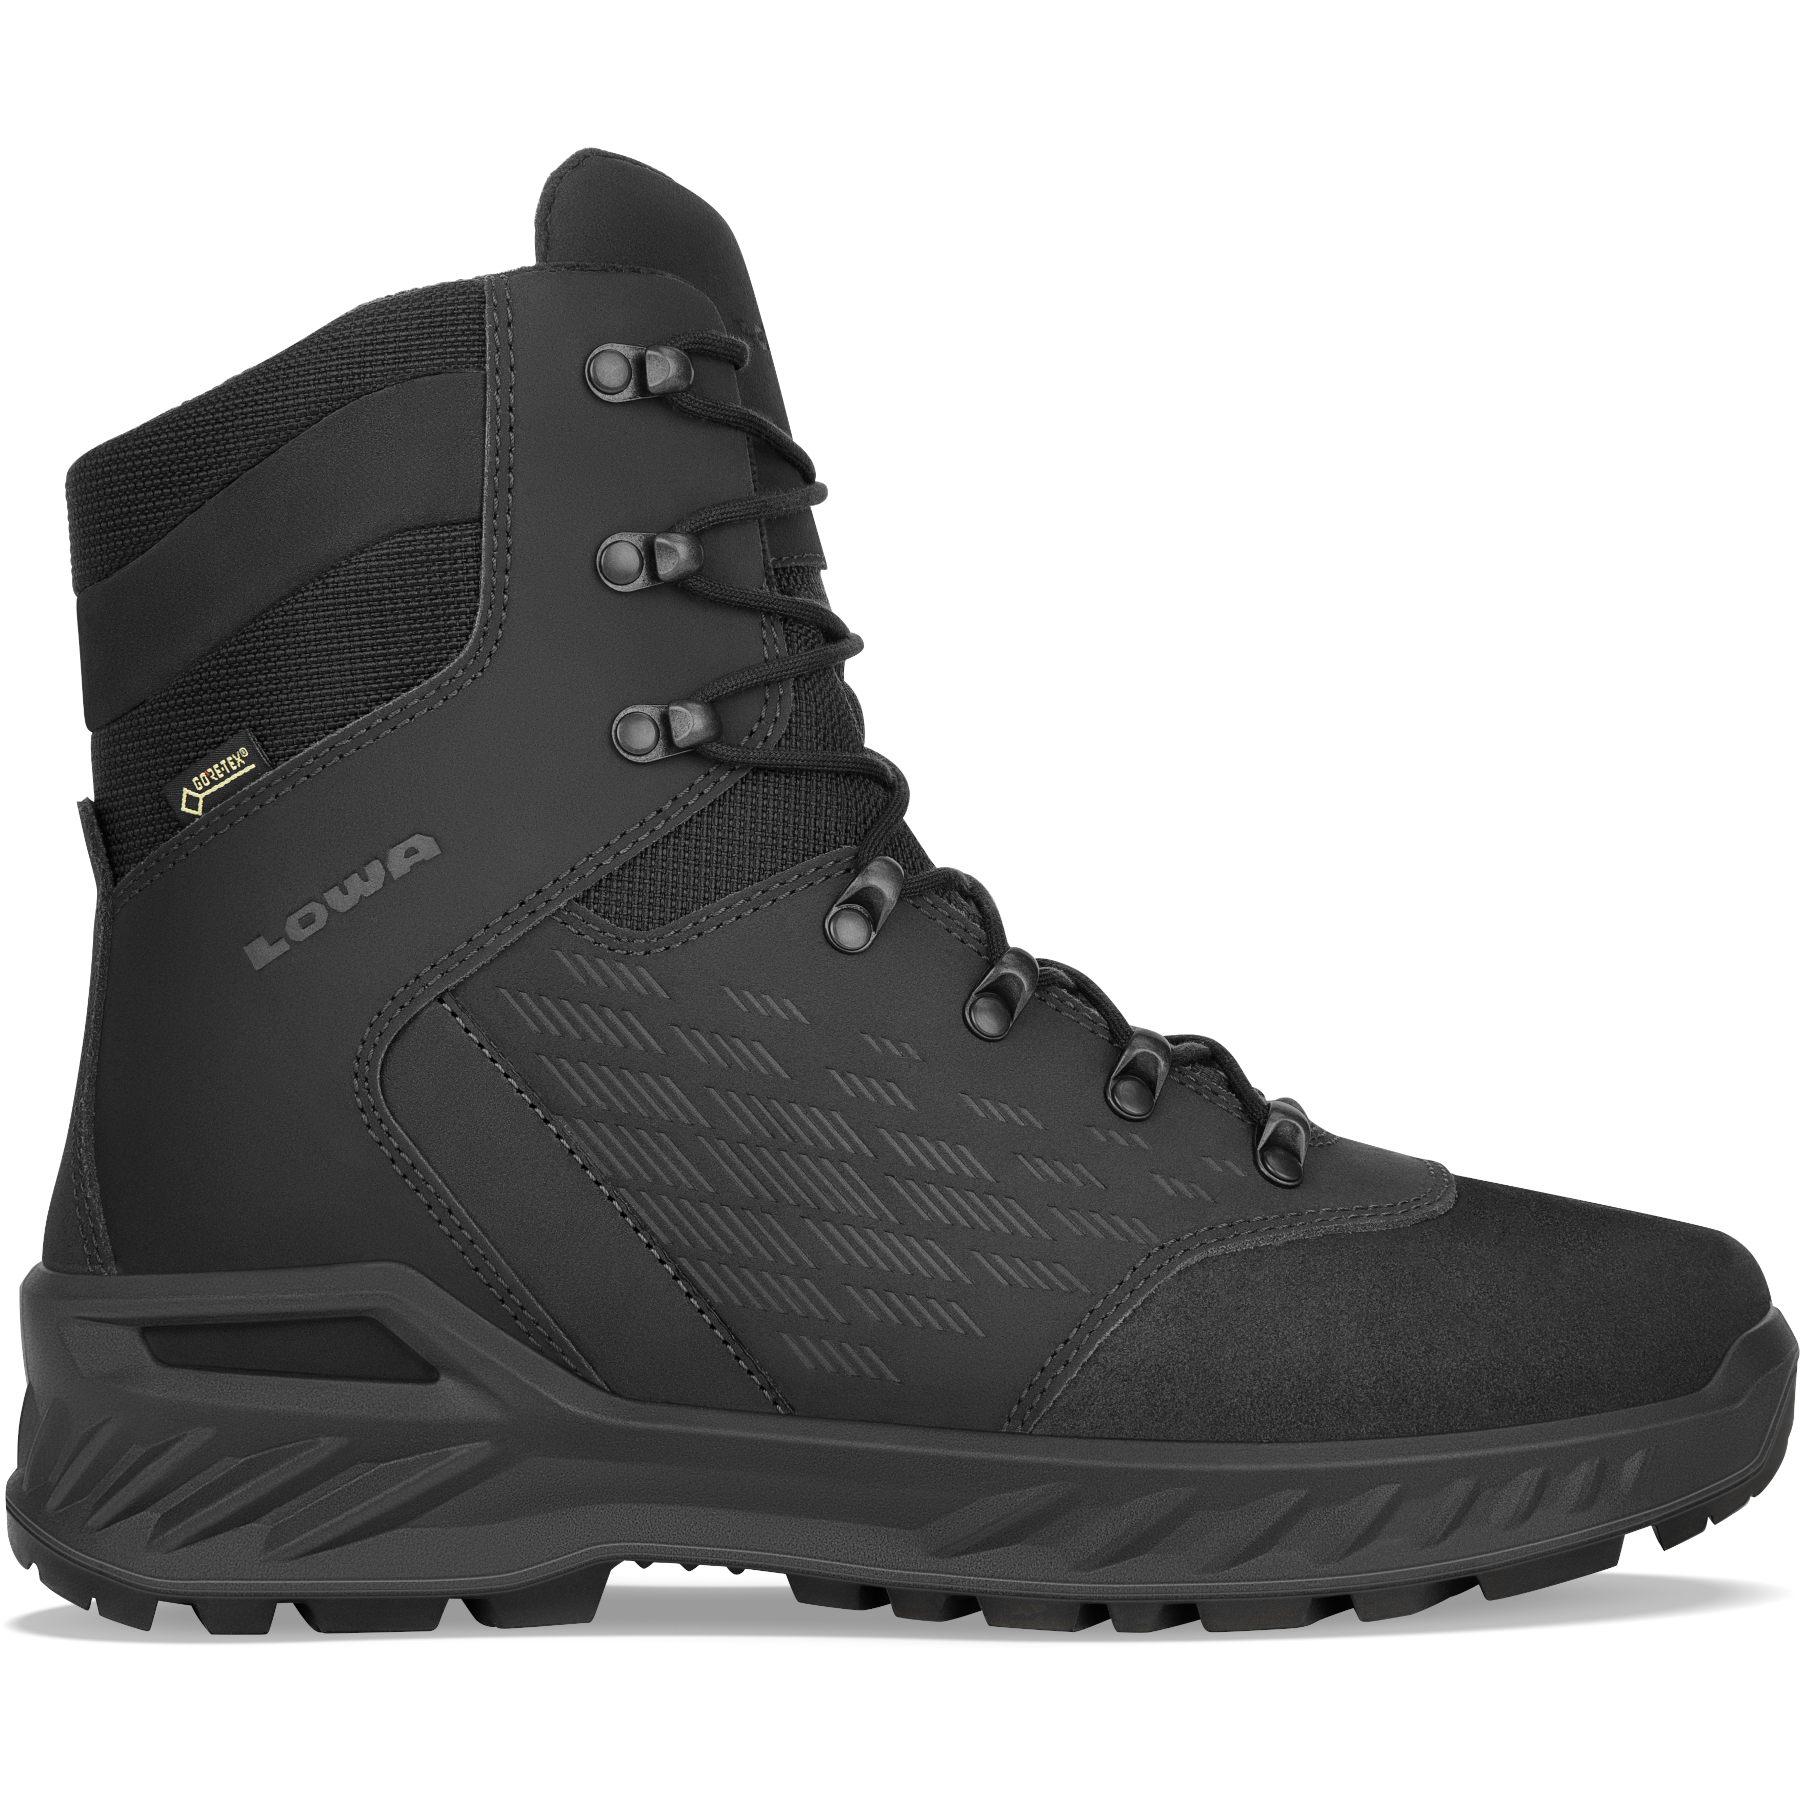 LOWA Nabucco EVO GTX Winter Shoe - black